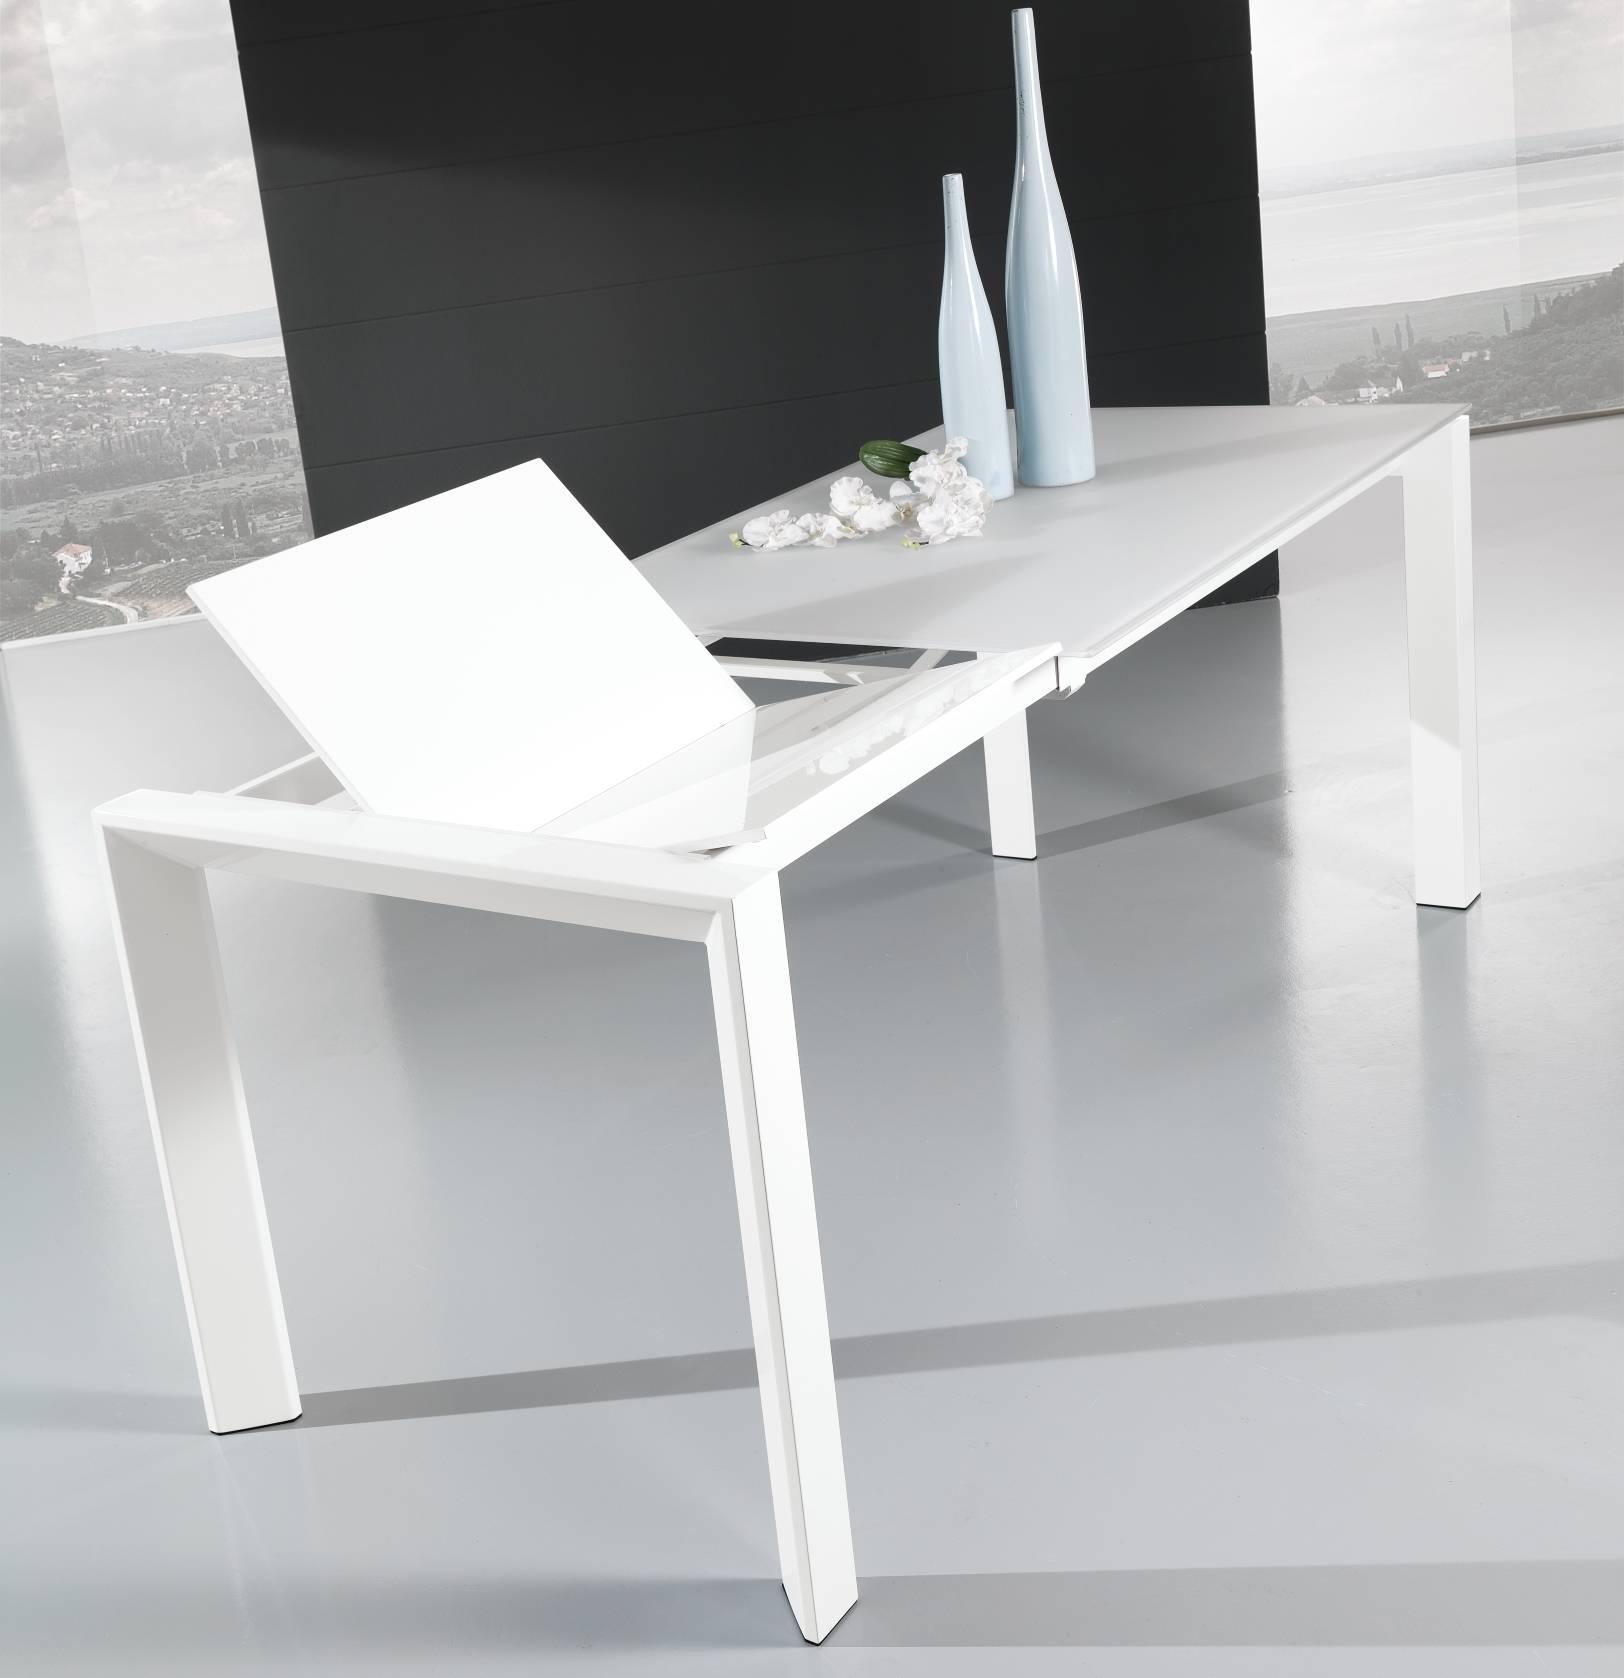 tavolo_maxhome_modello_cloud_colore_bianco_con_particolare_apertura